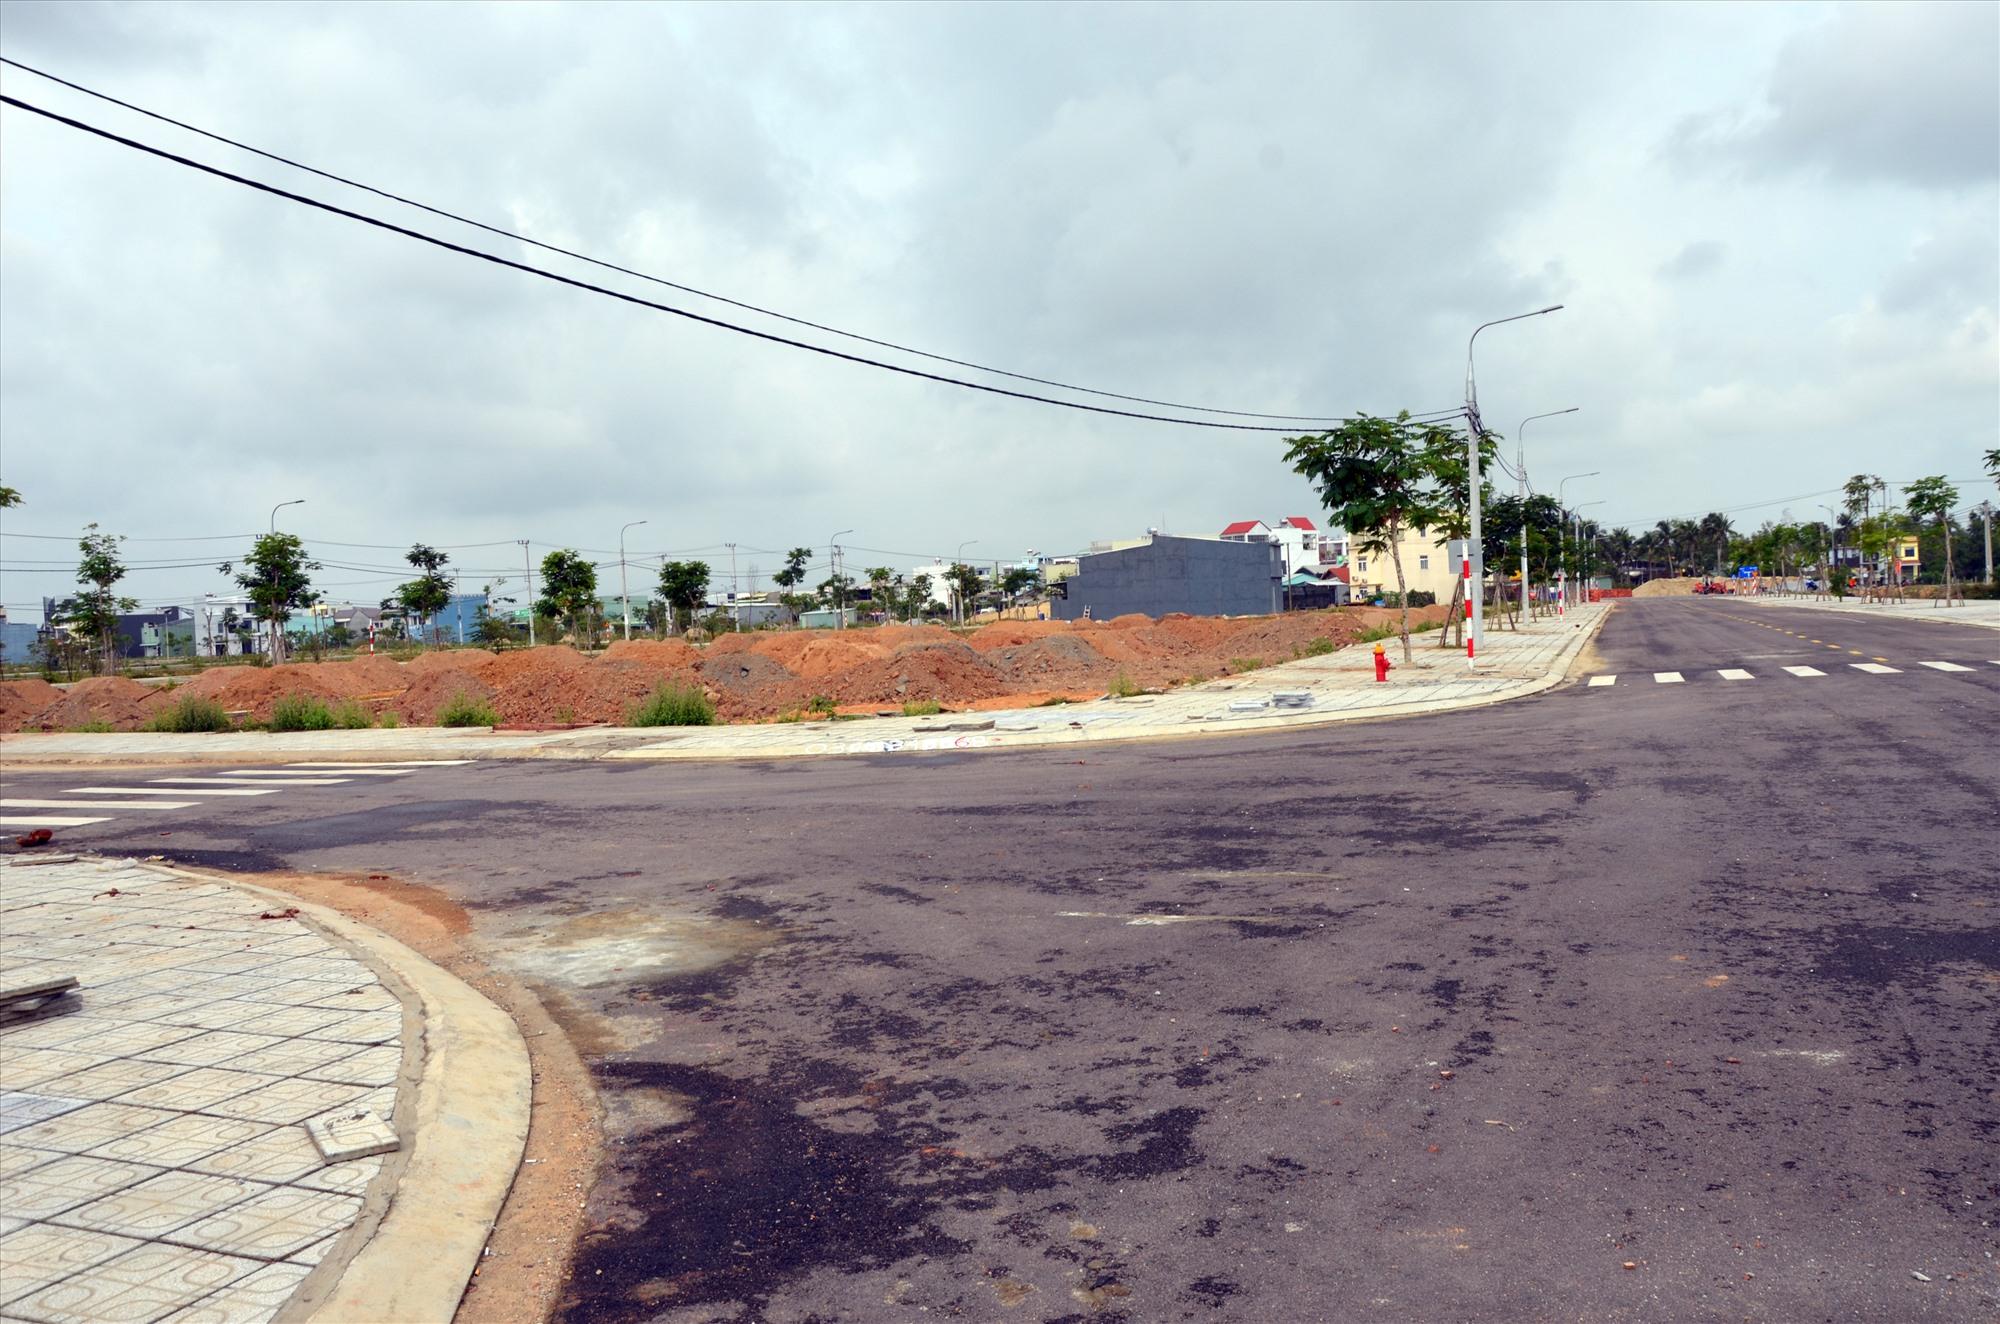 Một khu tái định cư, dân cư tại phường An Phú, TP. Tam Kỳ. Ảnh: H.P